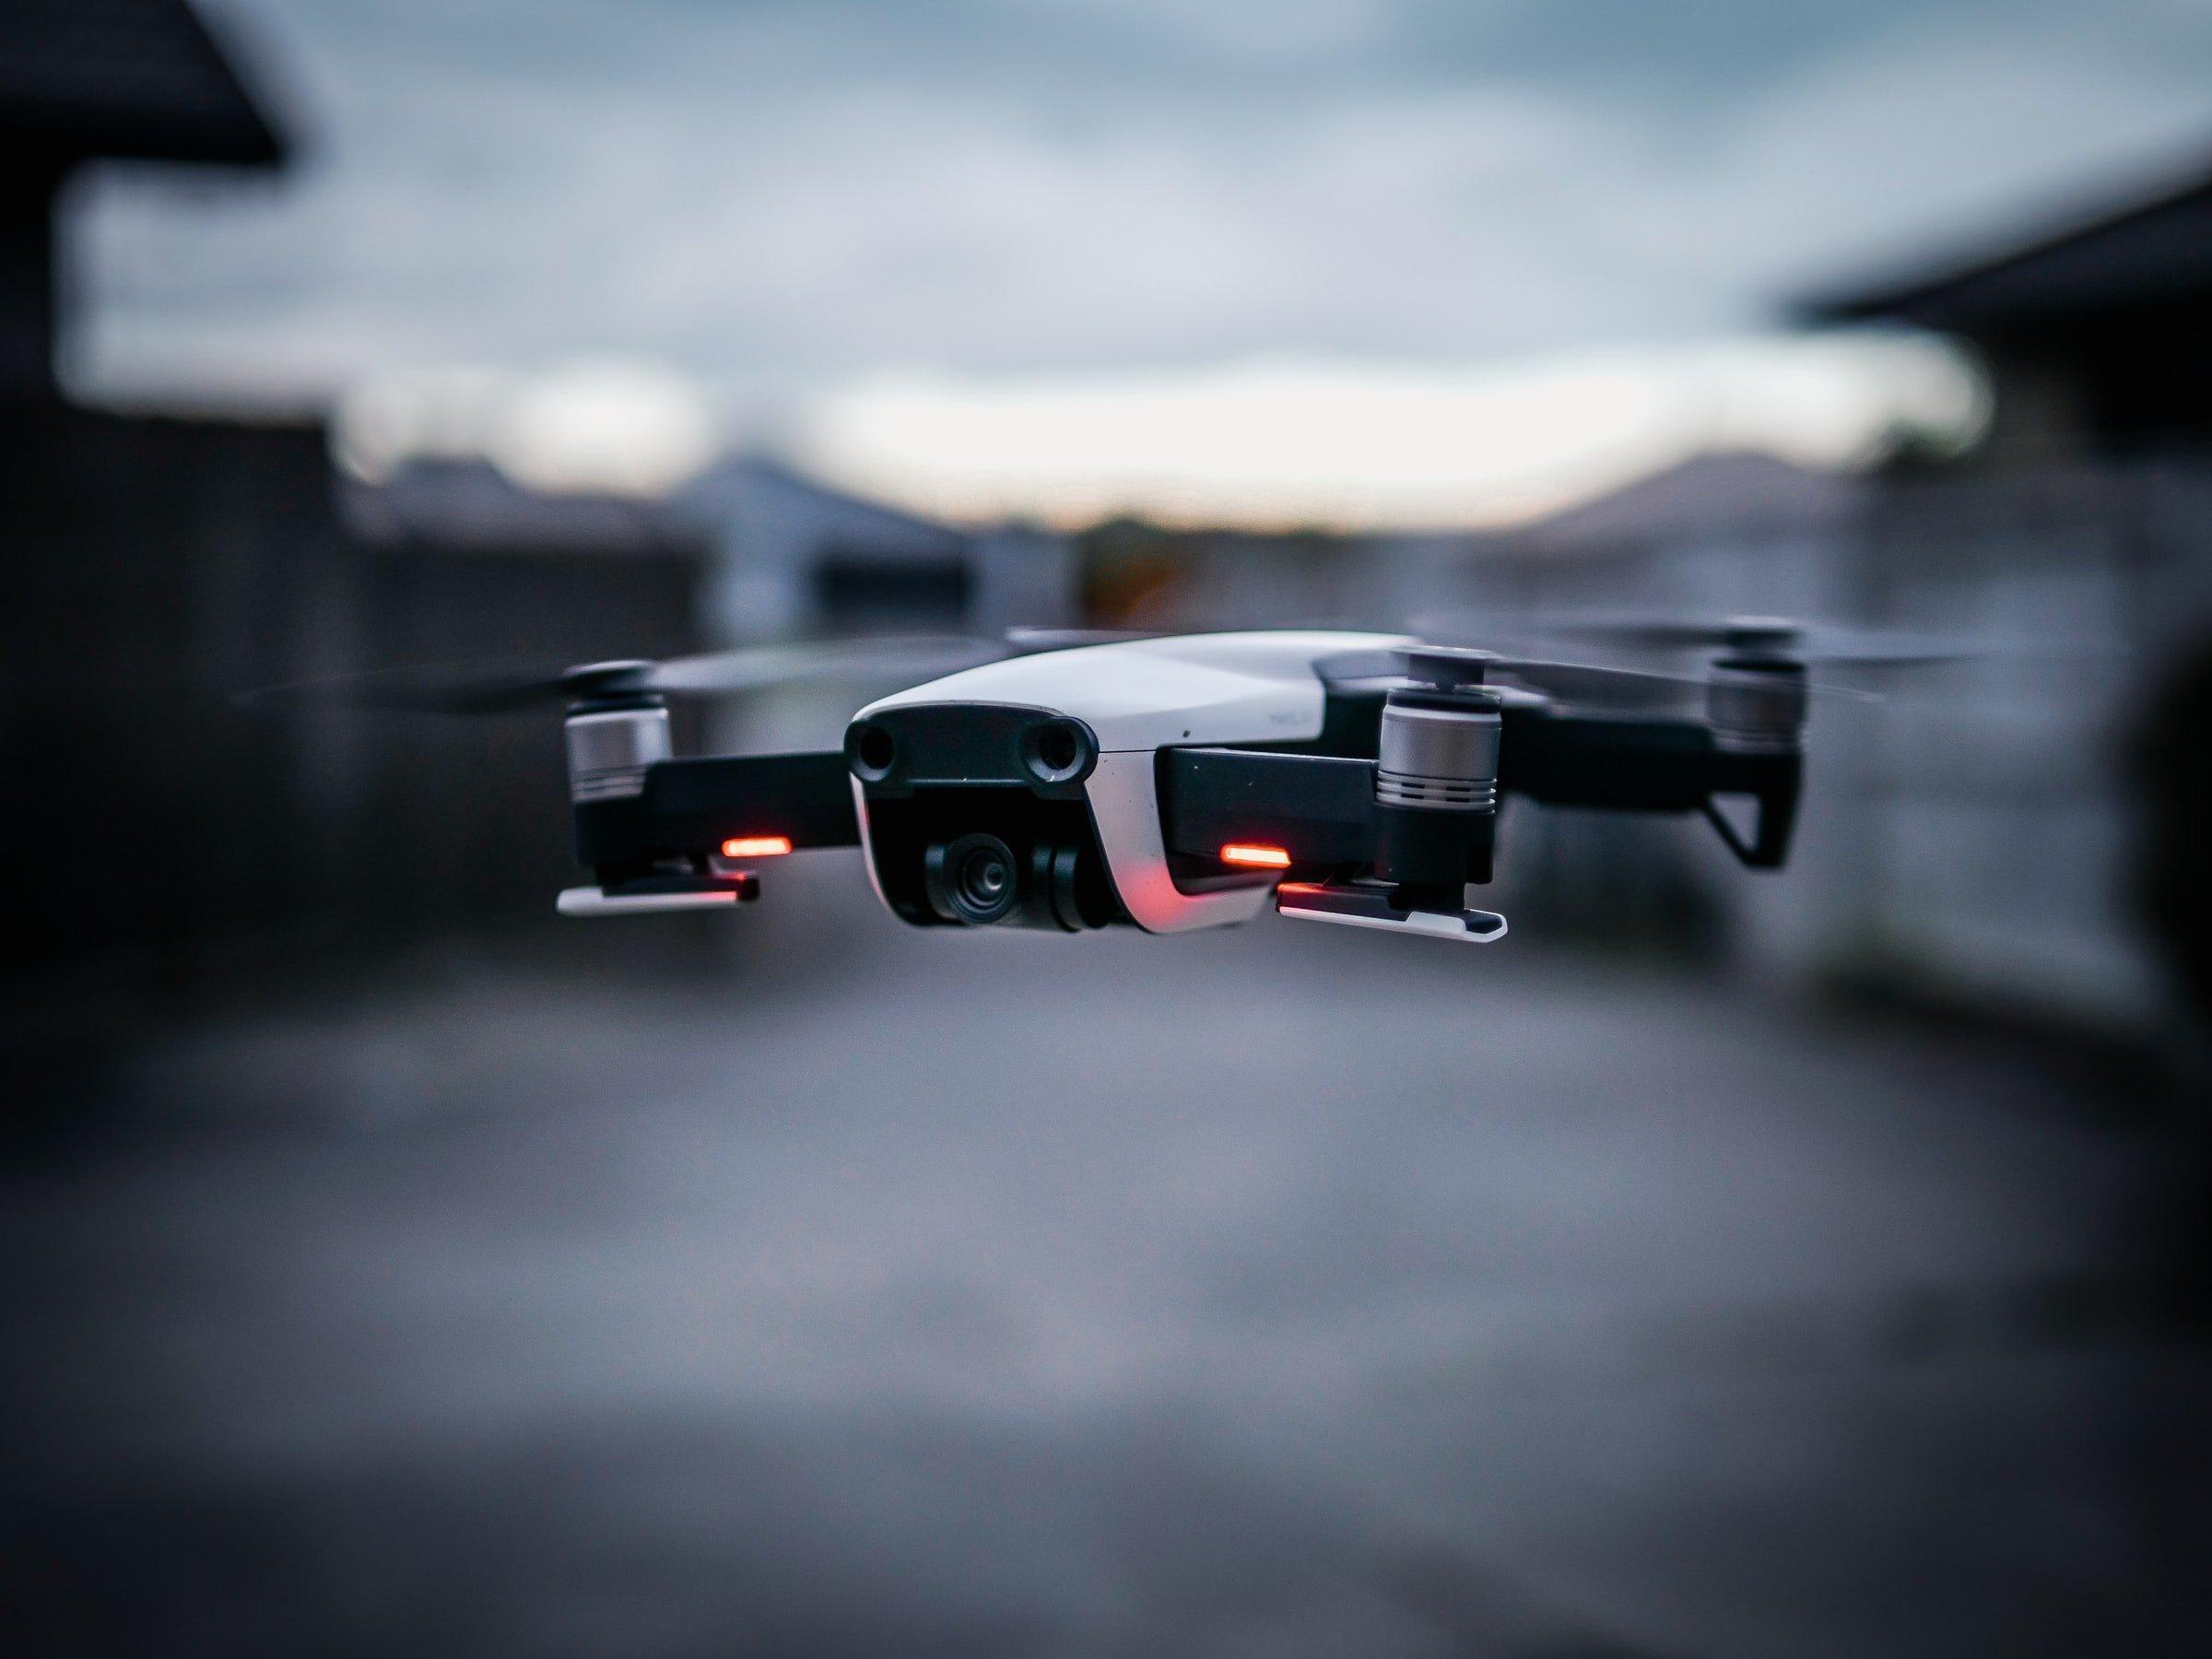 dji-drone-flight-1